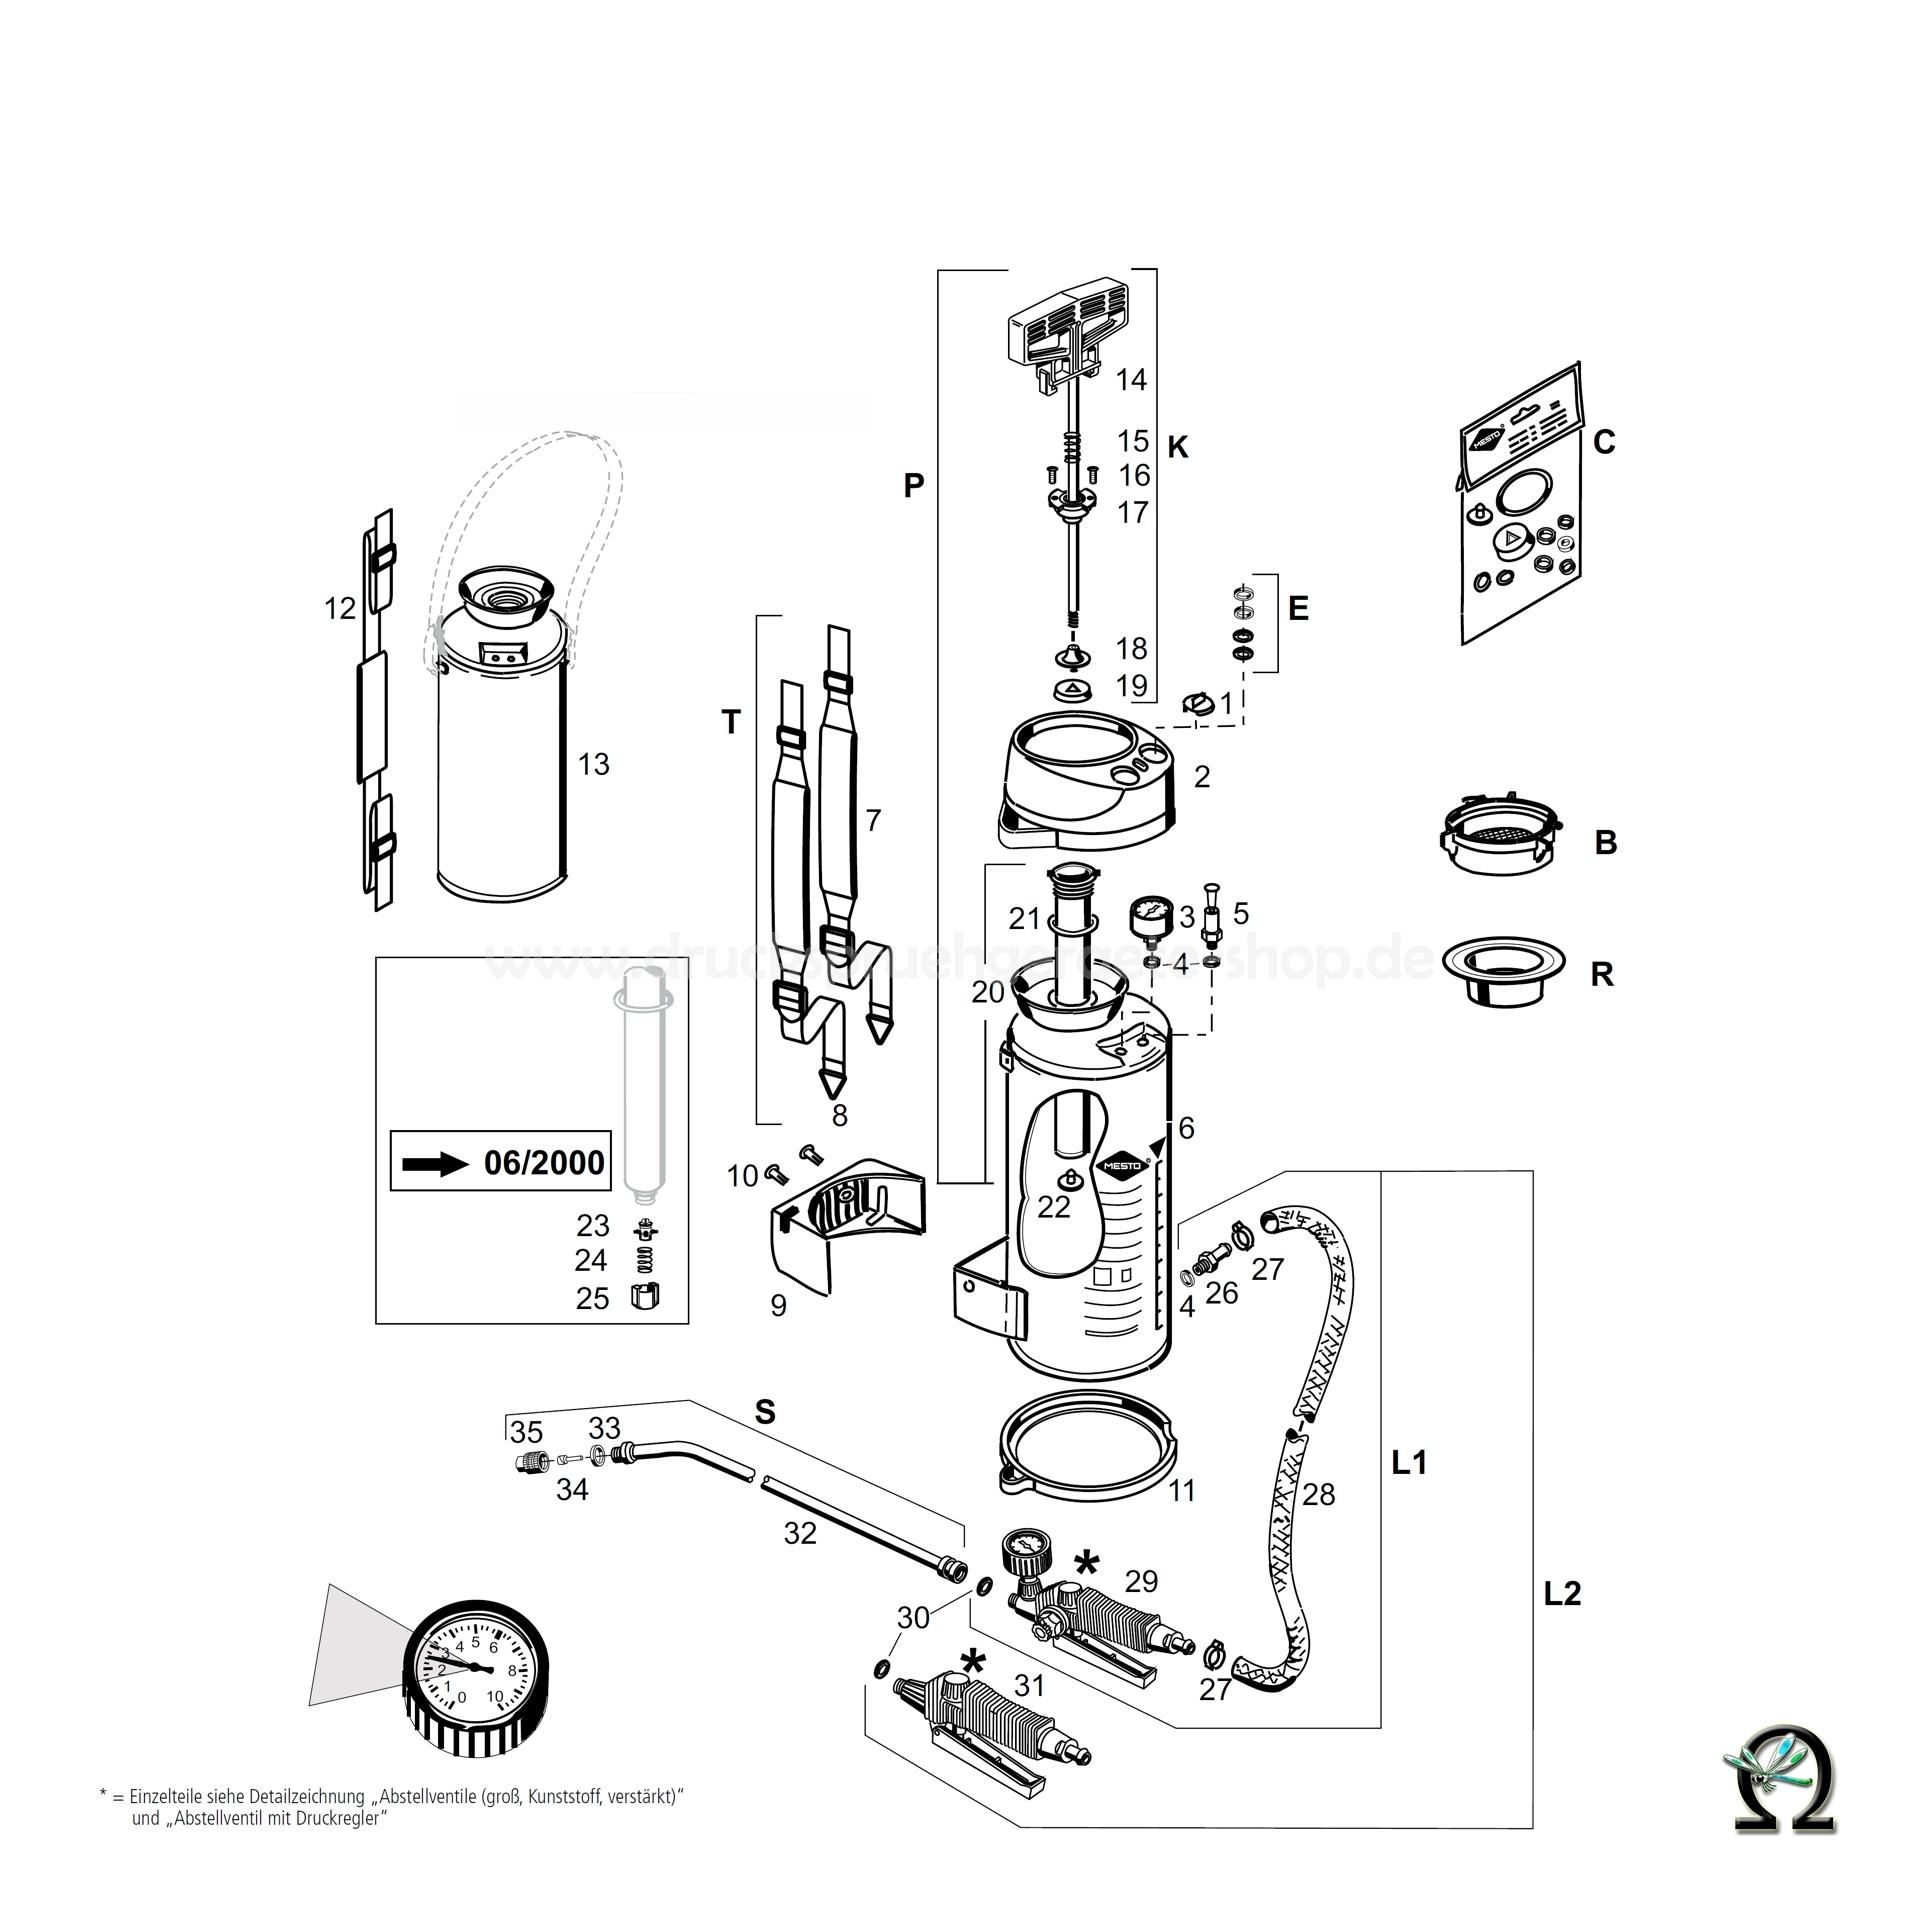 MESTO Hochdrucksprühgerät 3610 RESISTENT - 10 Liter, Zeichnung der Einzelteile